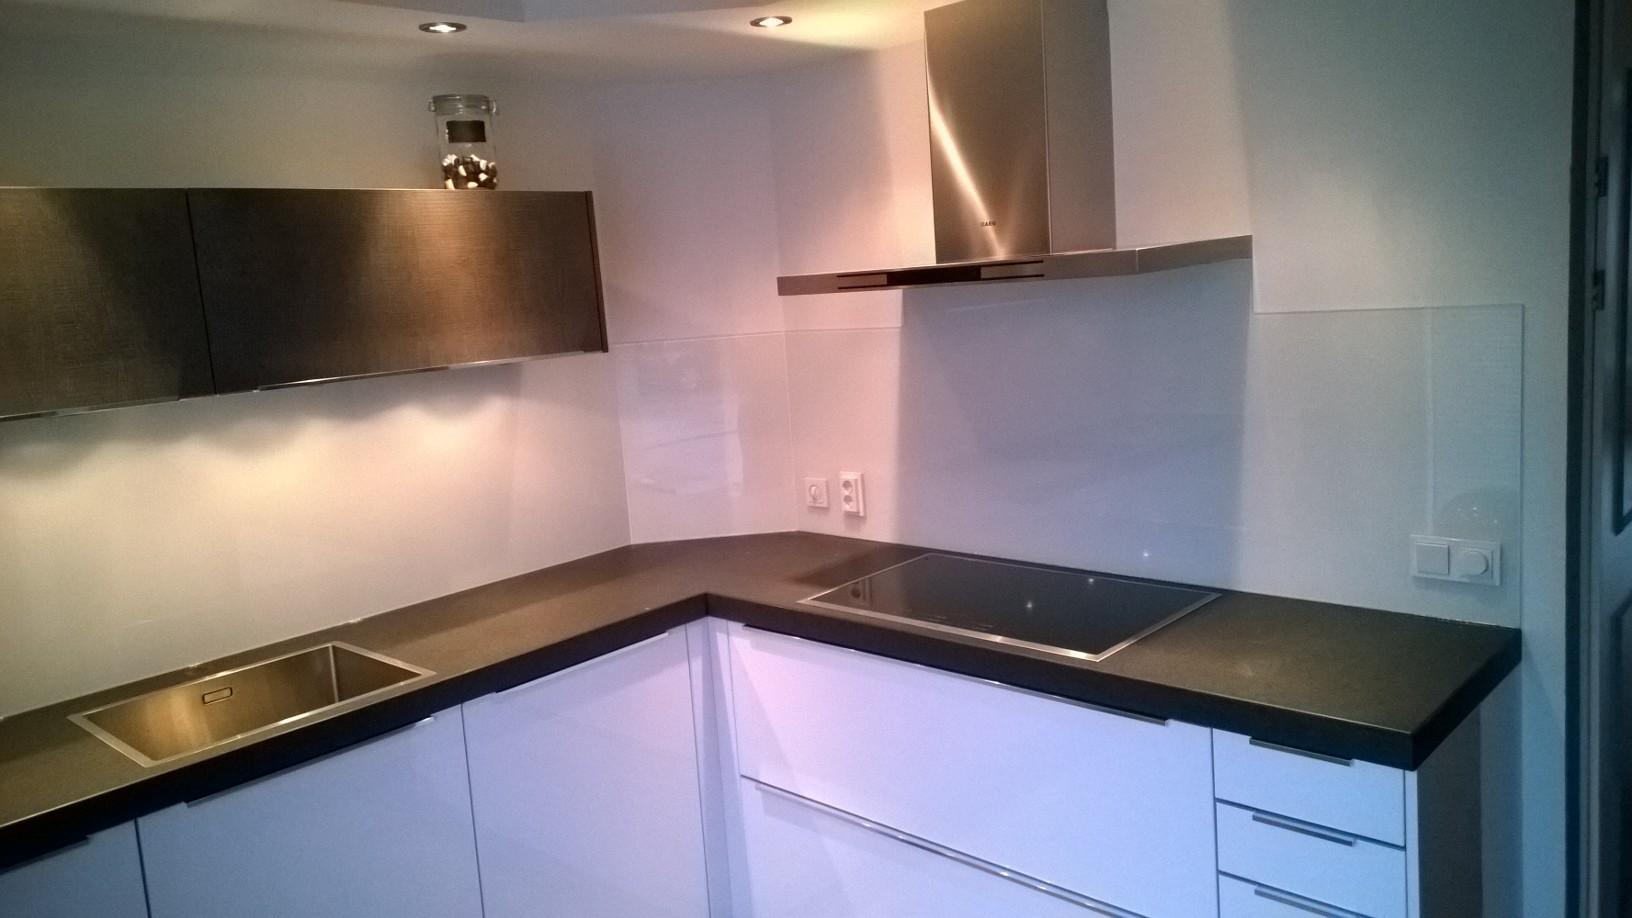 Achterwand Voor Keuken : Achterwand keuken u fvs glas u uw glasleverancier en glaszetter in